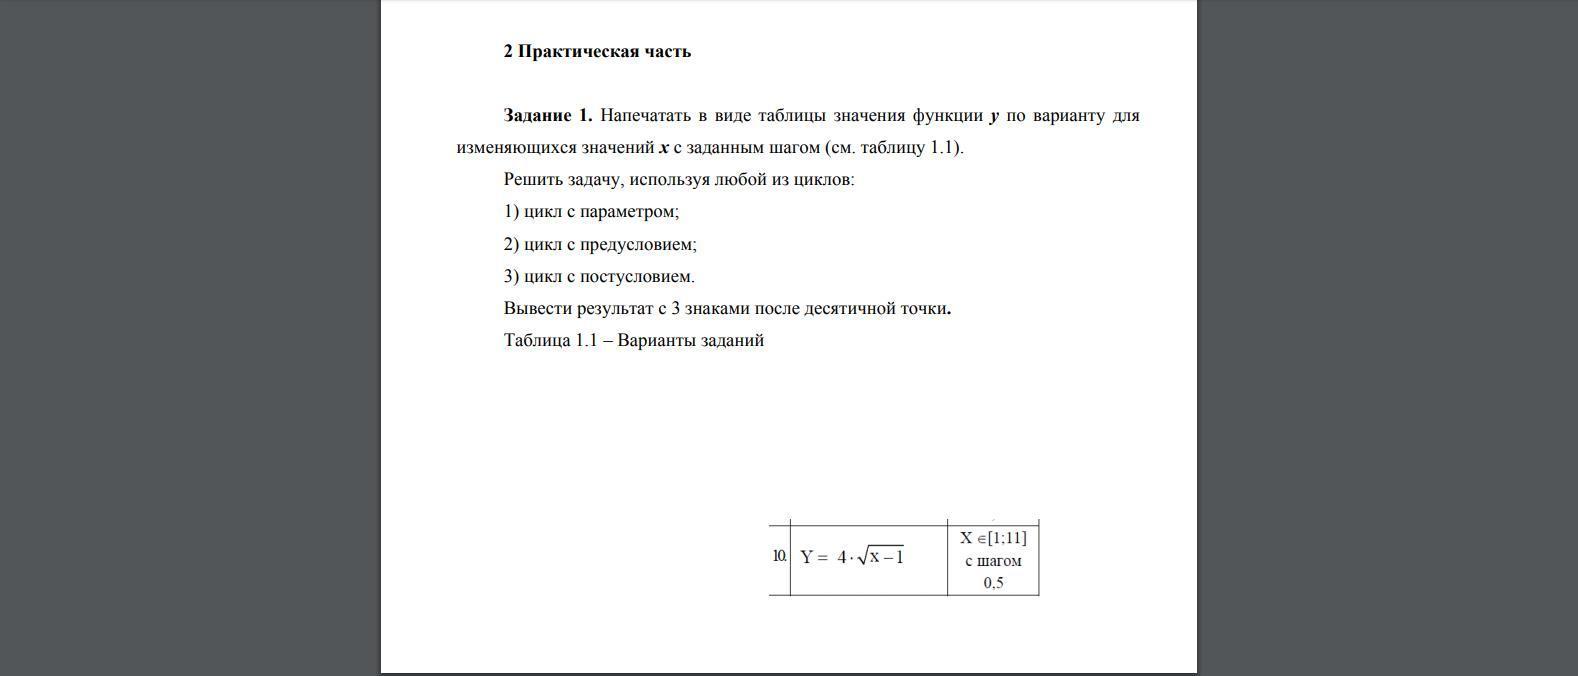 Помогите с программой на языке